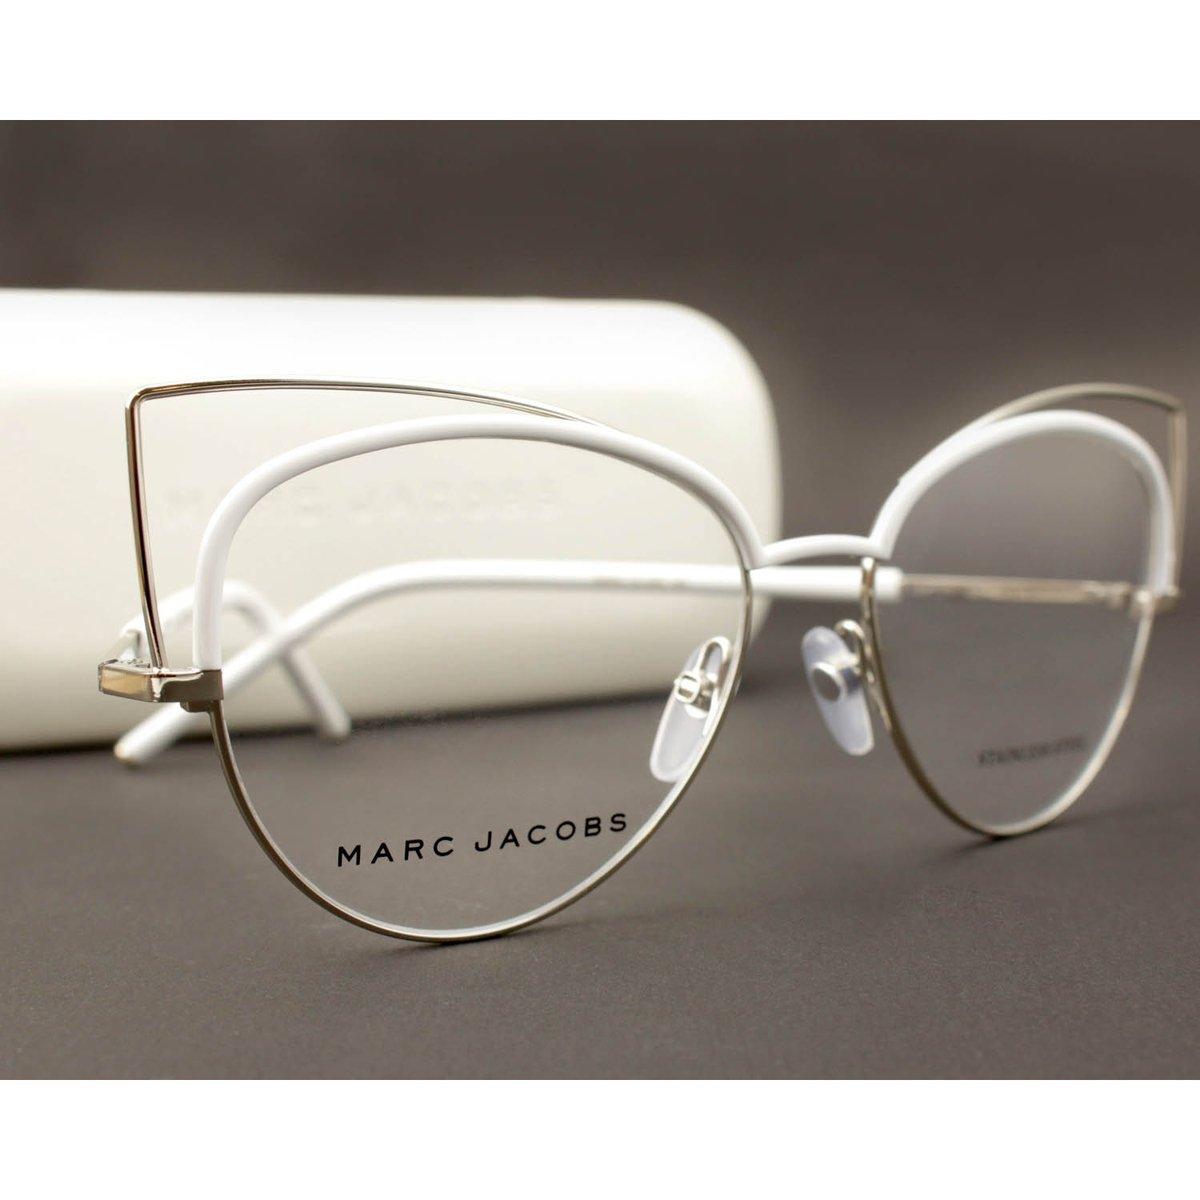 993df92b97c27 Armação Óculos de Grau Marc Jacobs MARC12 U05-53 - Compre Agora ...